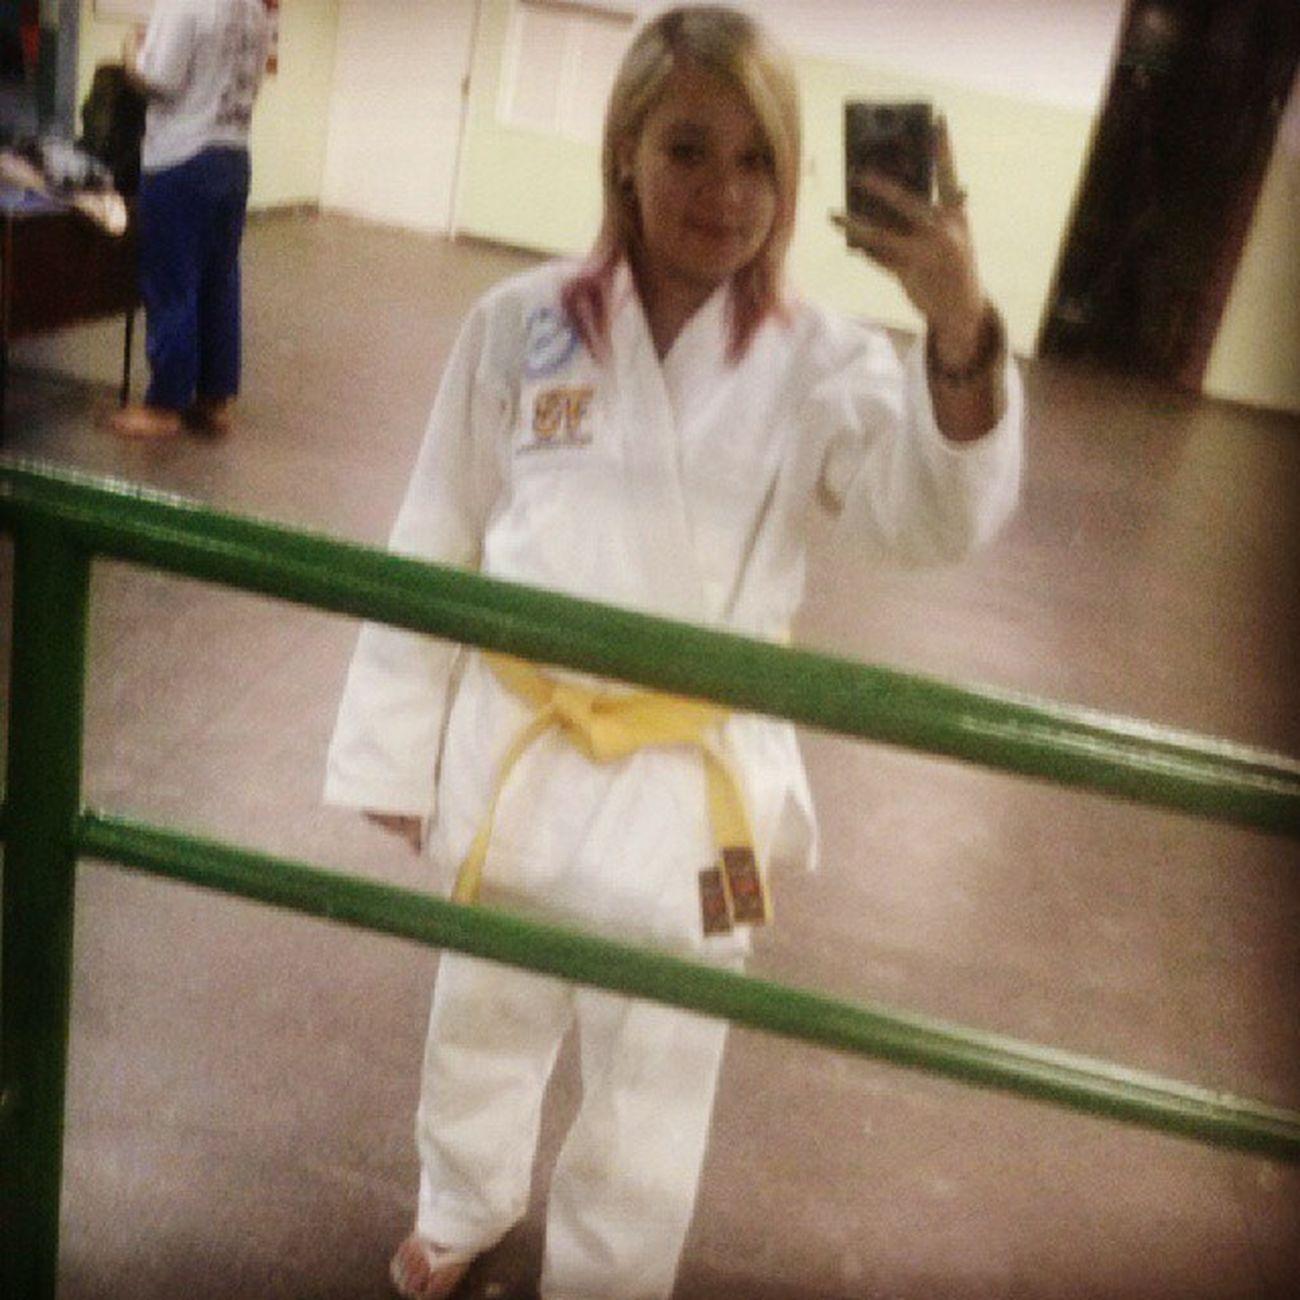 Acabei de chegar do treino, morrendo de dor mas valeu a pena. TreinoJudo Judo Amô FaixaAmarela TreinoDeJudo esporte Dor Cansada